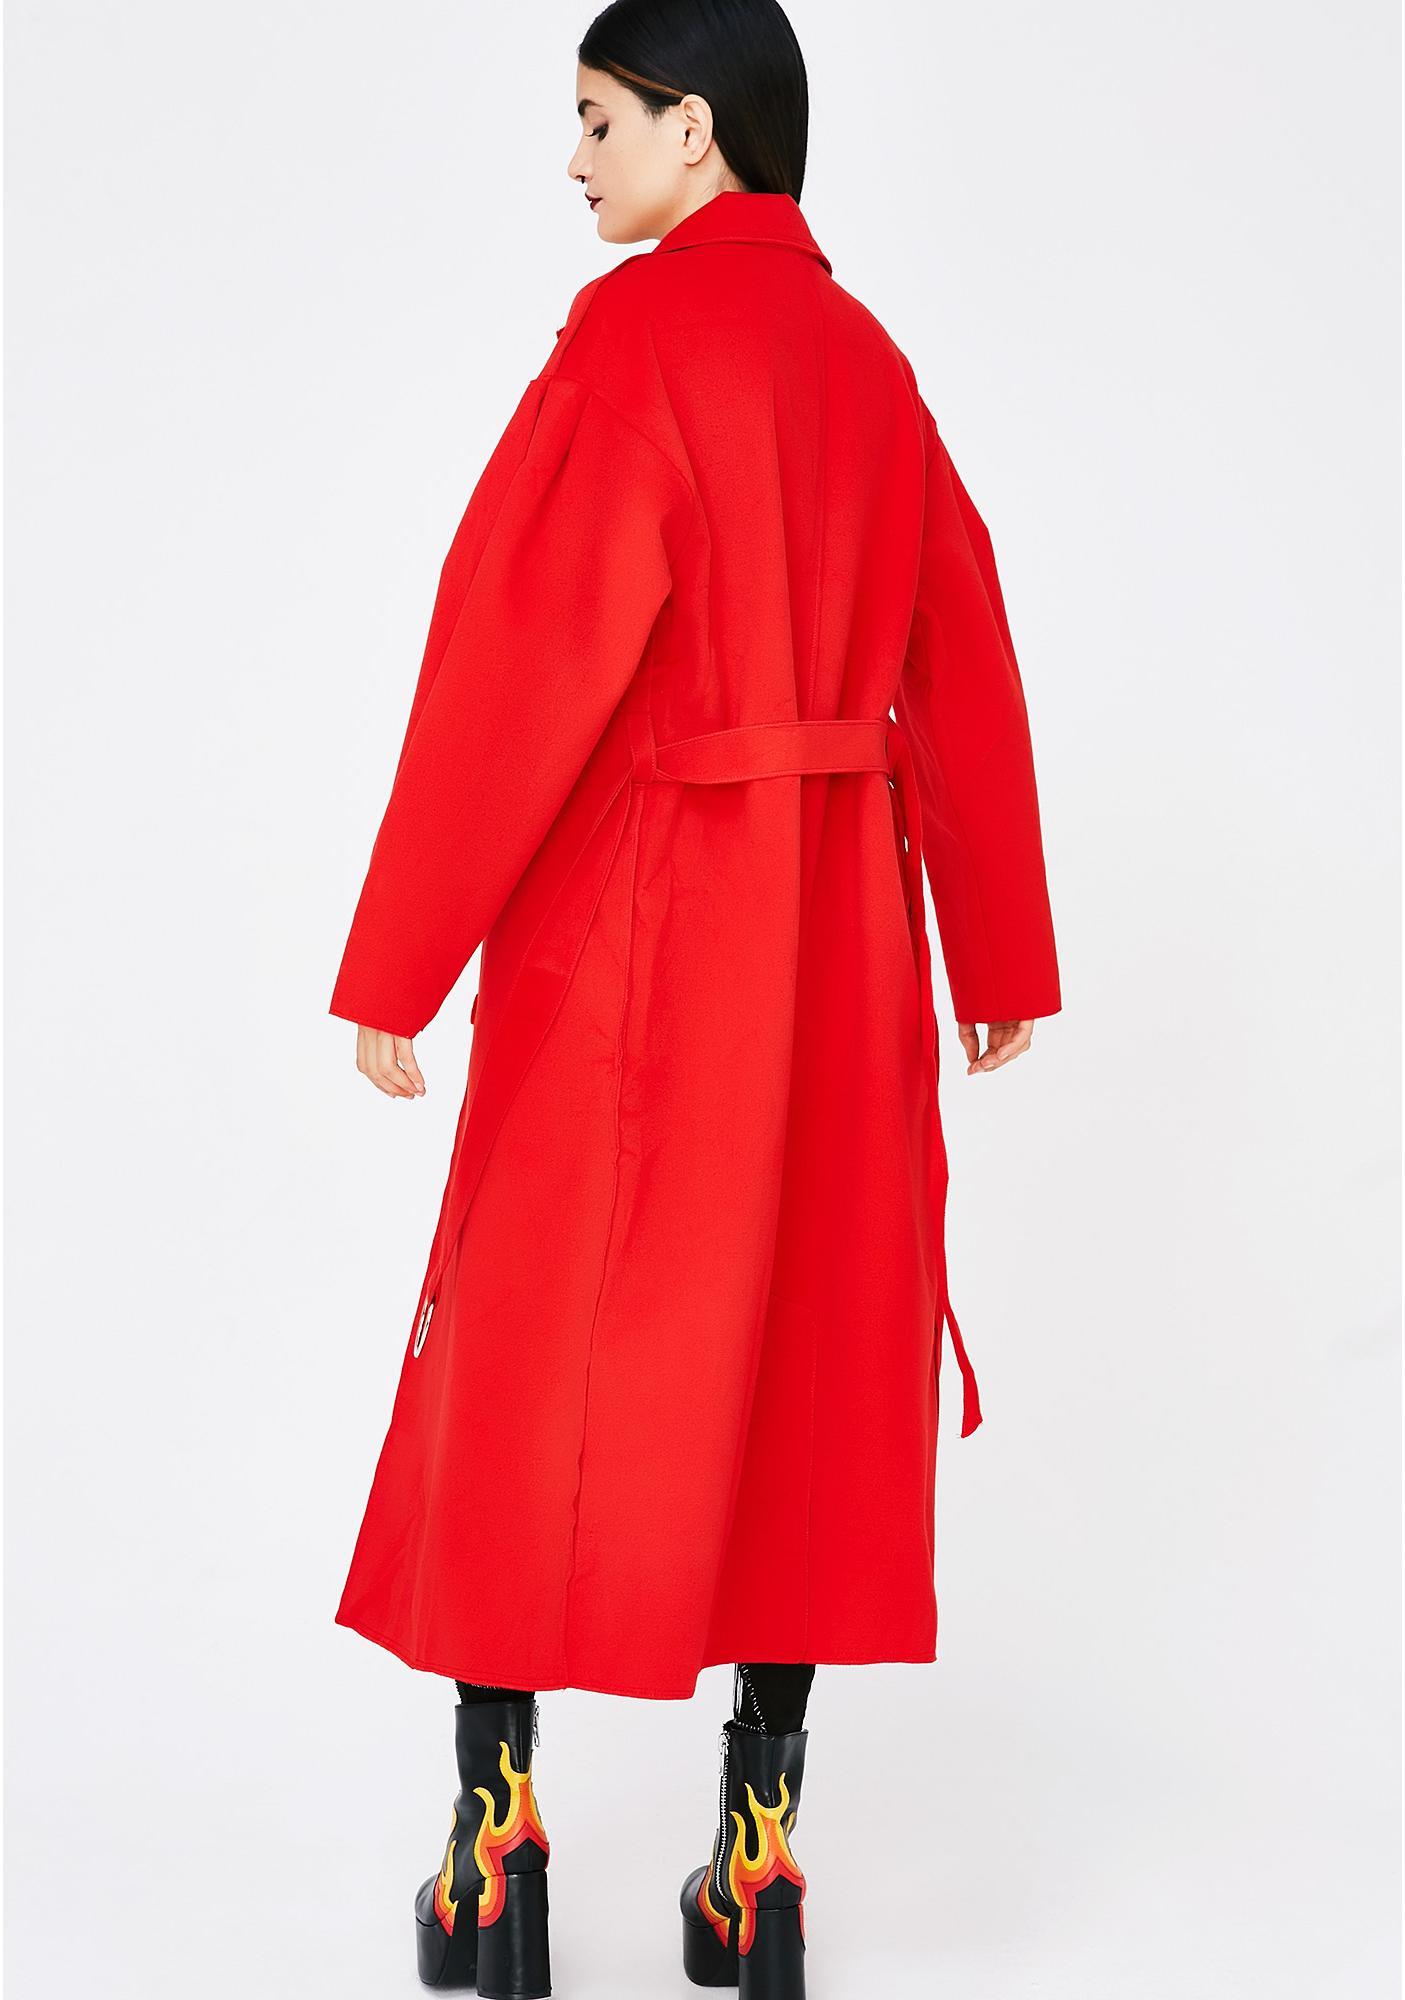 Mobbin' Deep Trench Coat